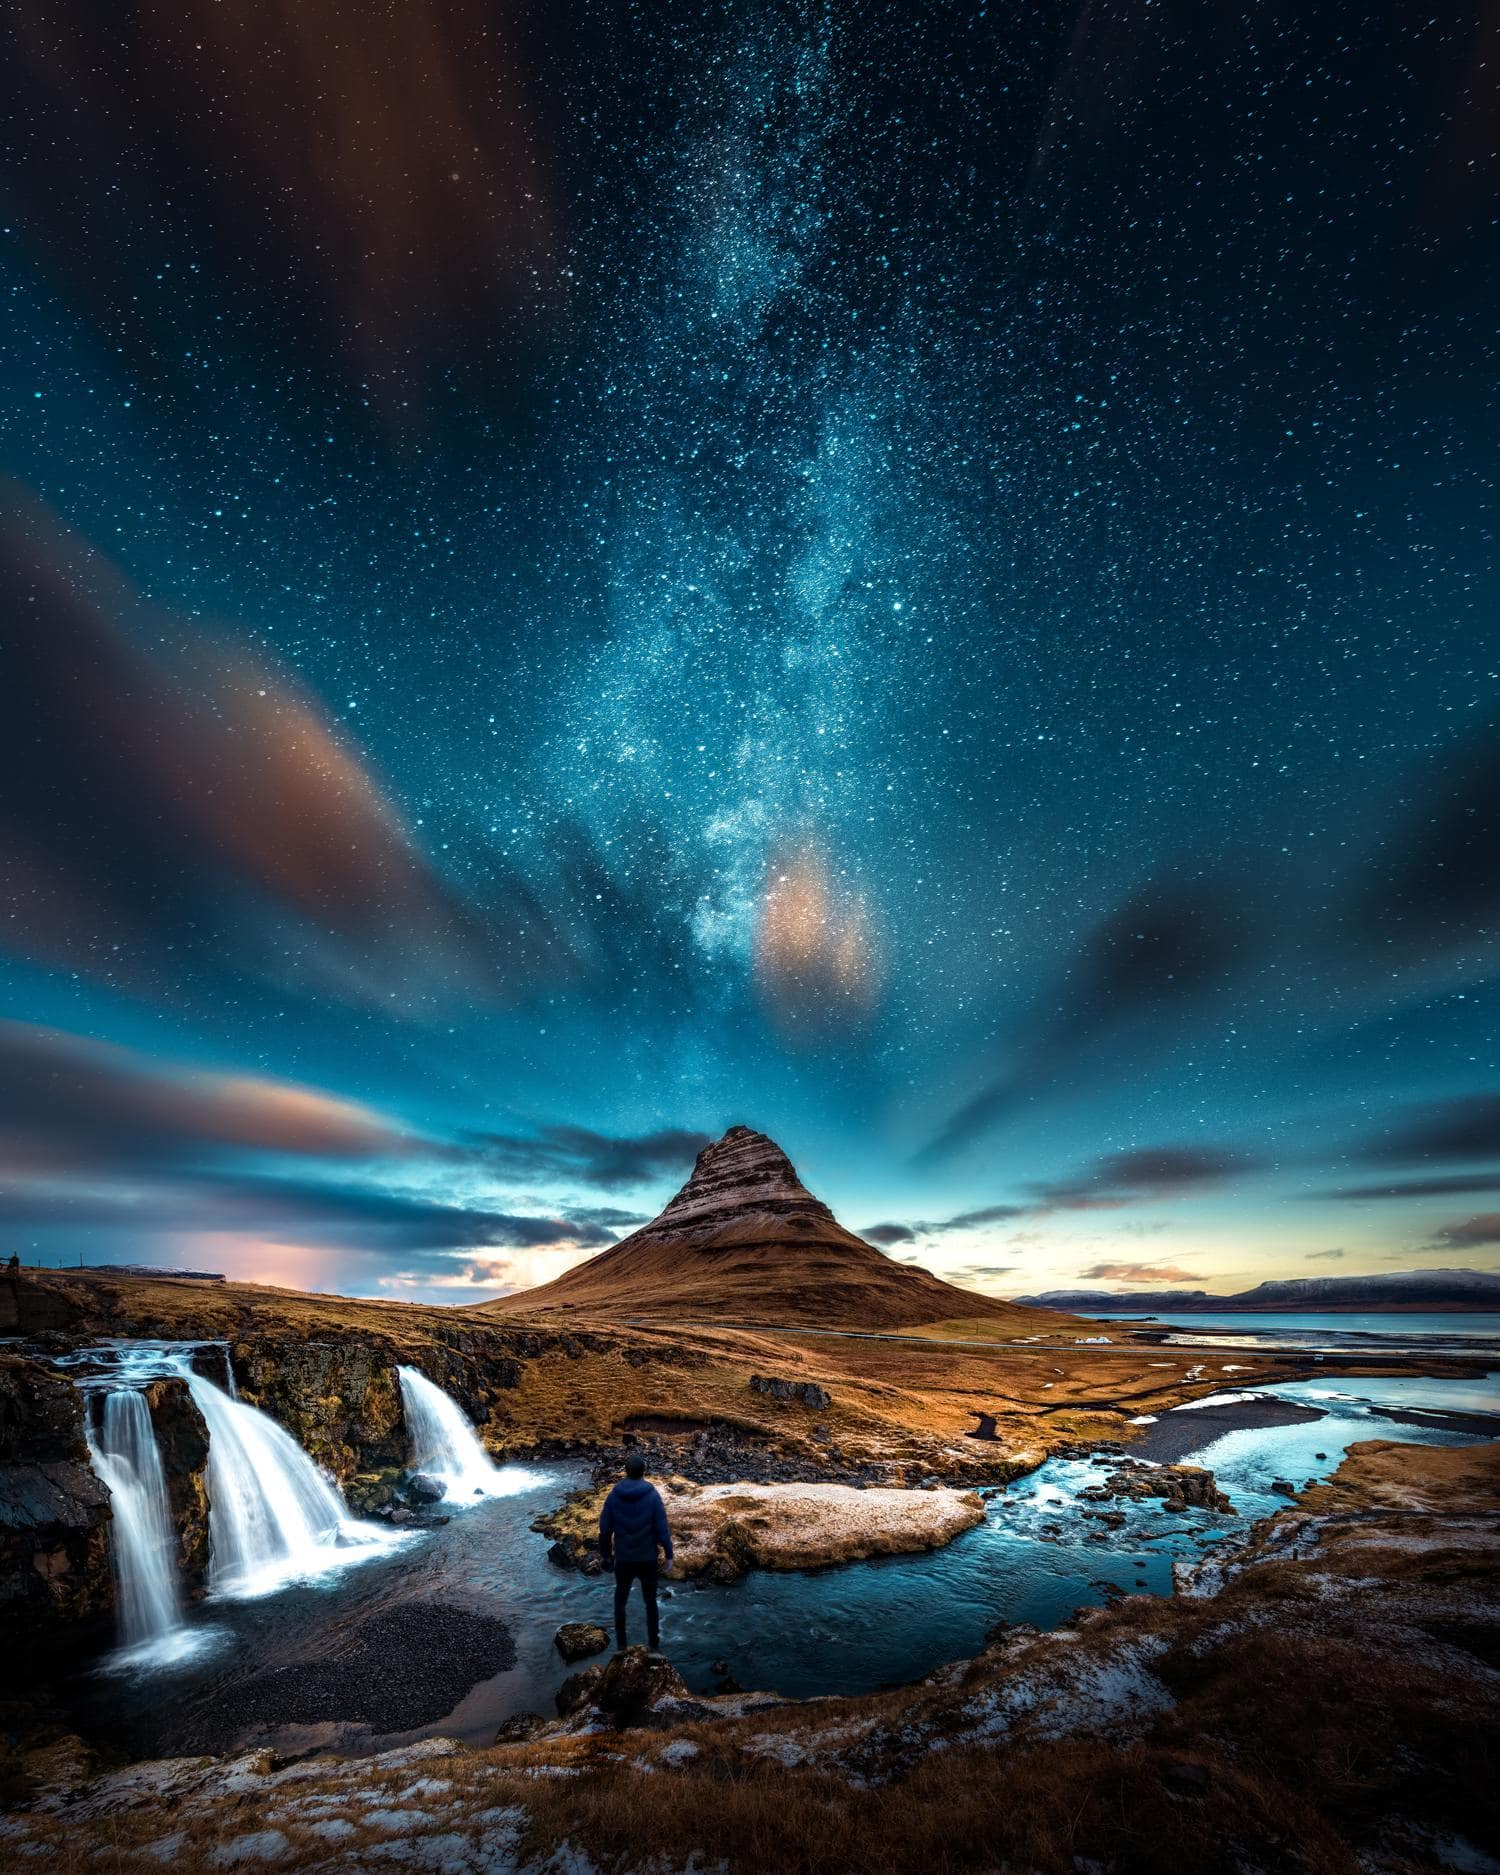 Fotografía nocturna con elemento humano